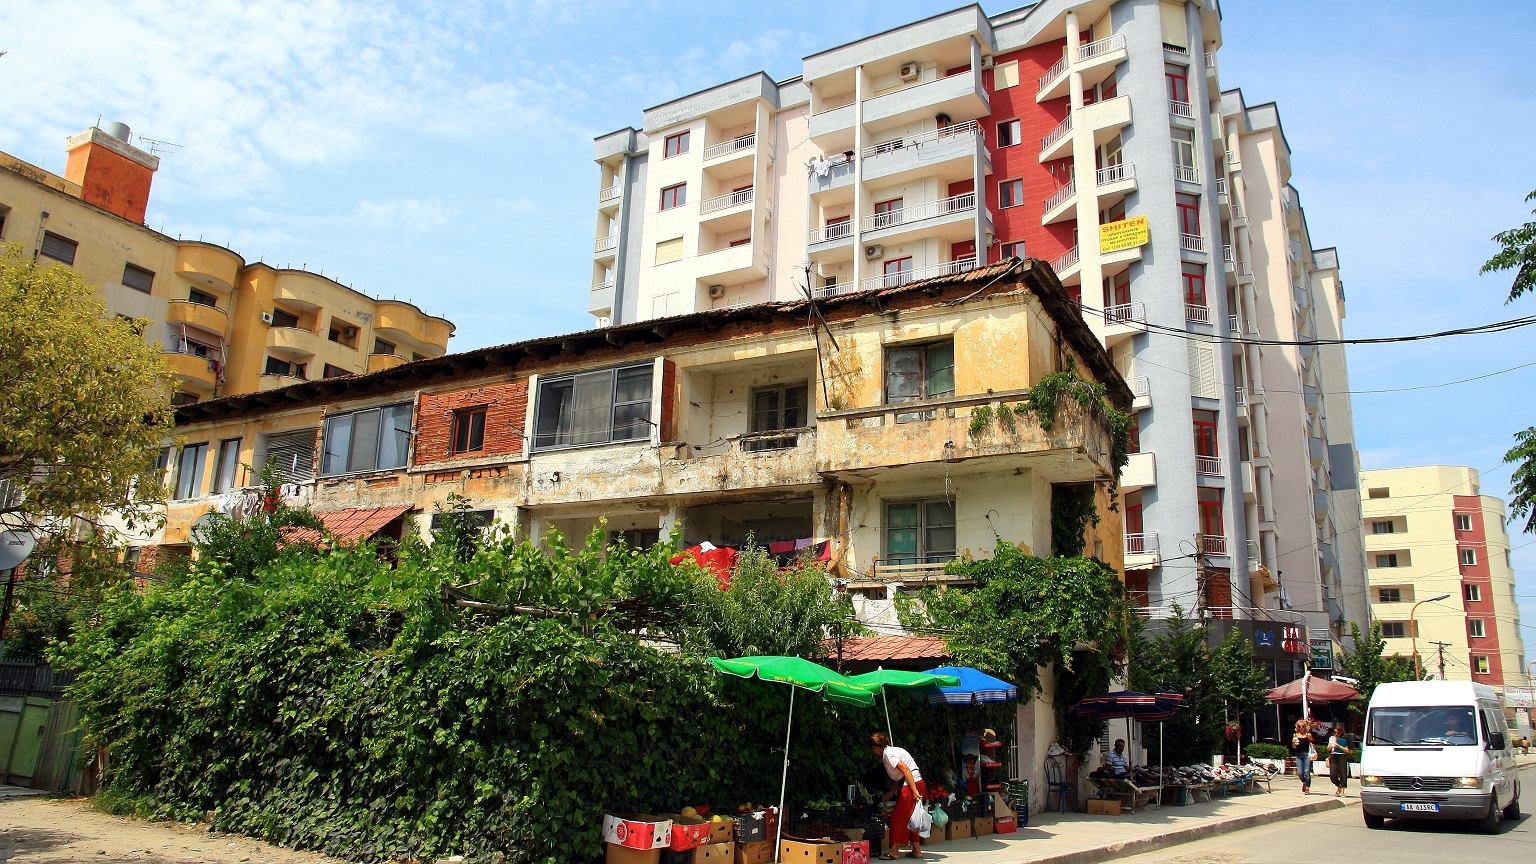 Rozwarstwienie społeczne w Albanii jest widoczne na każdym kroku